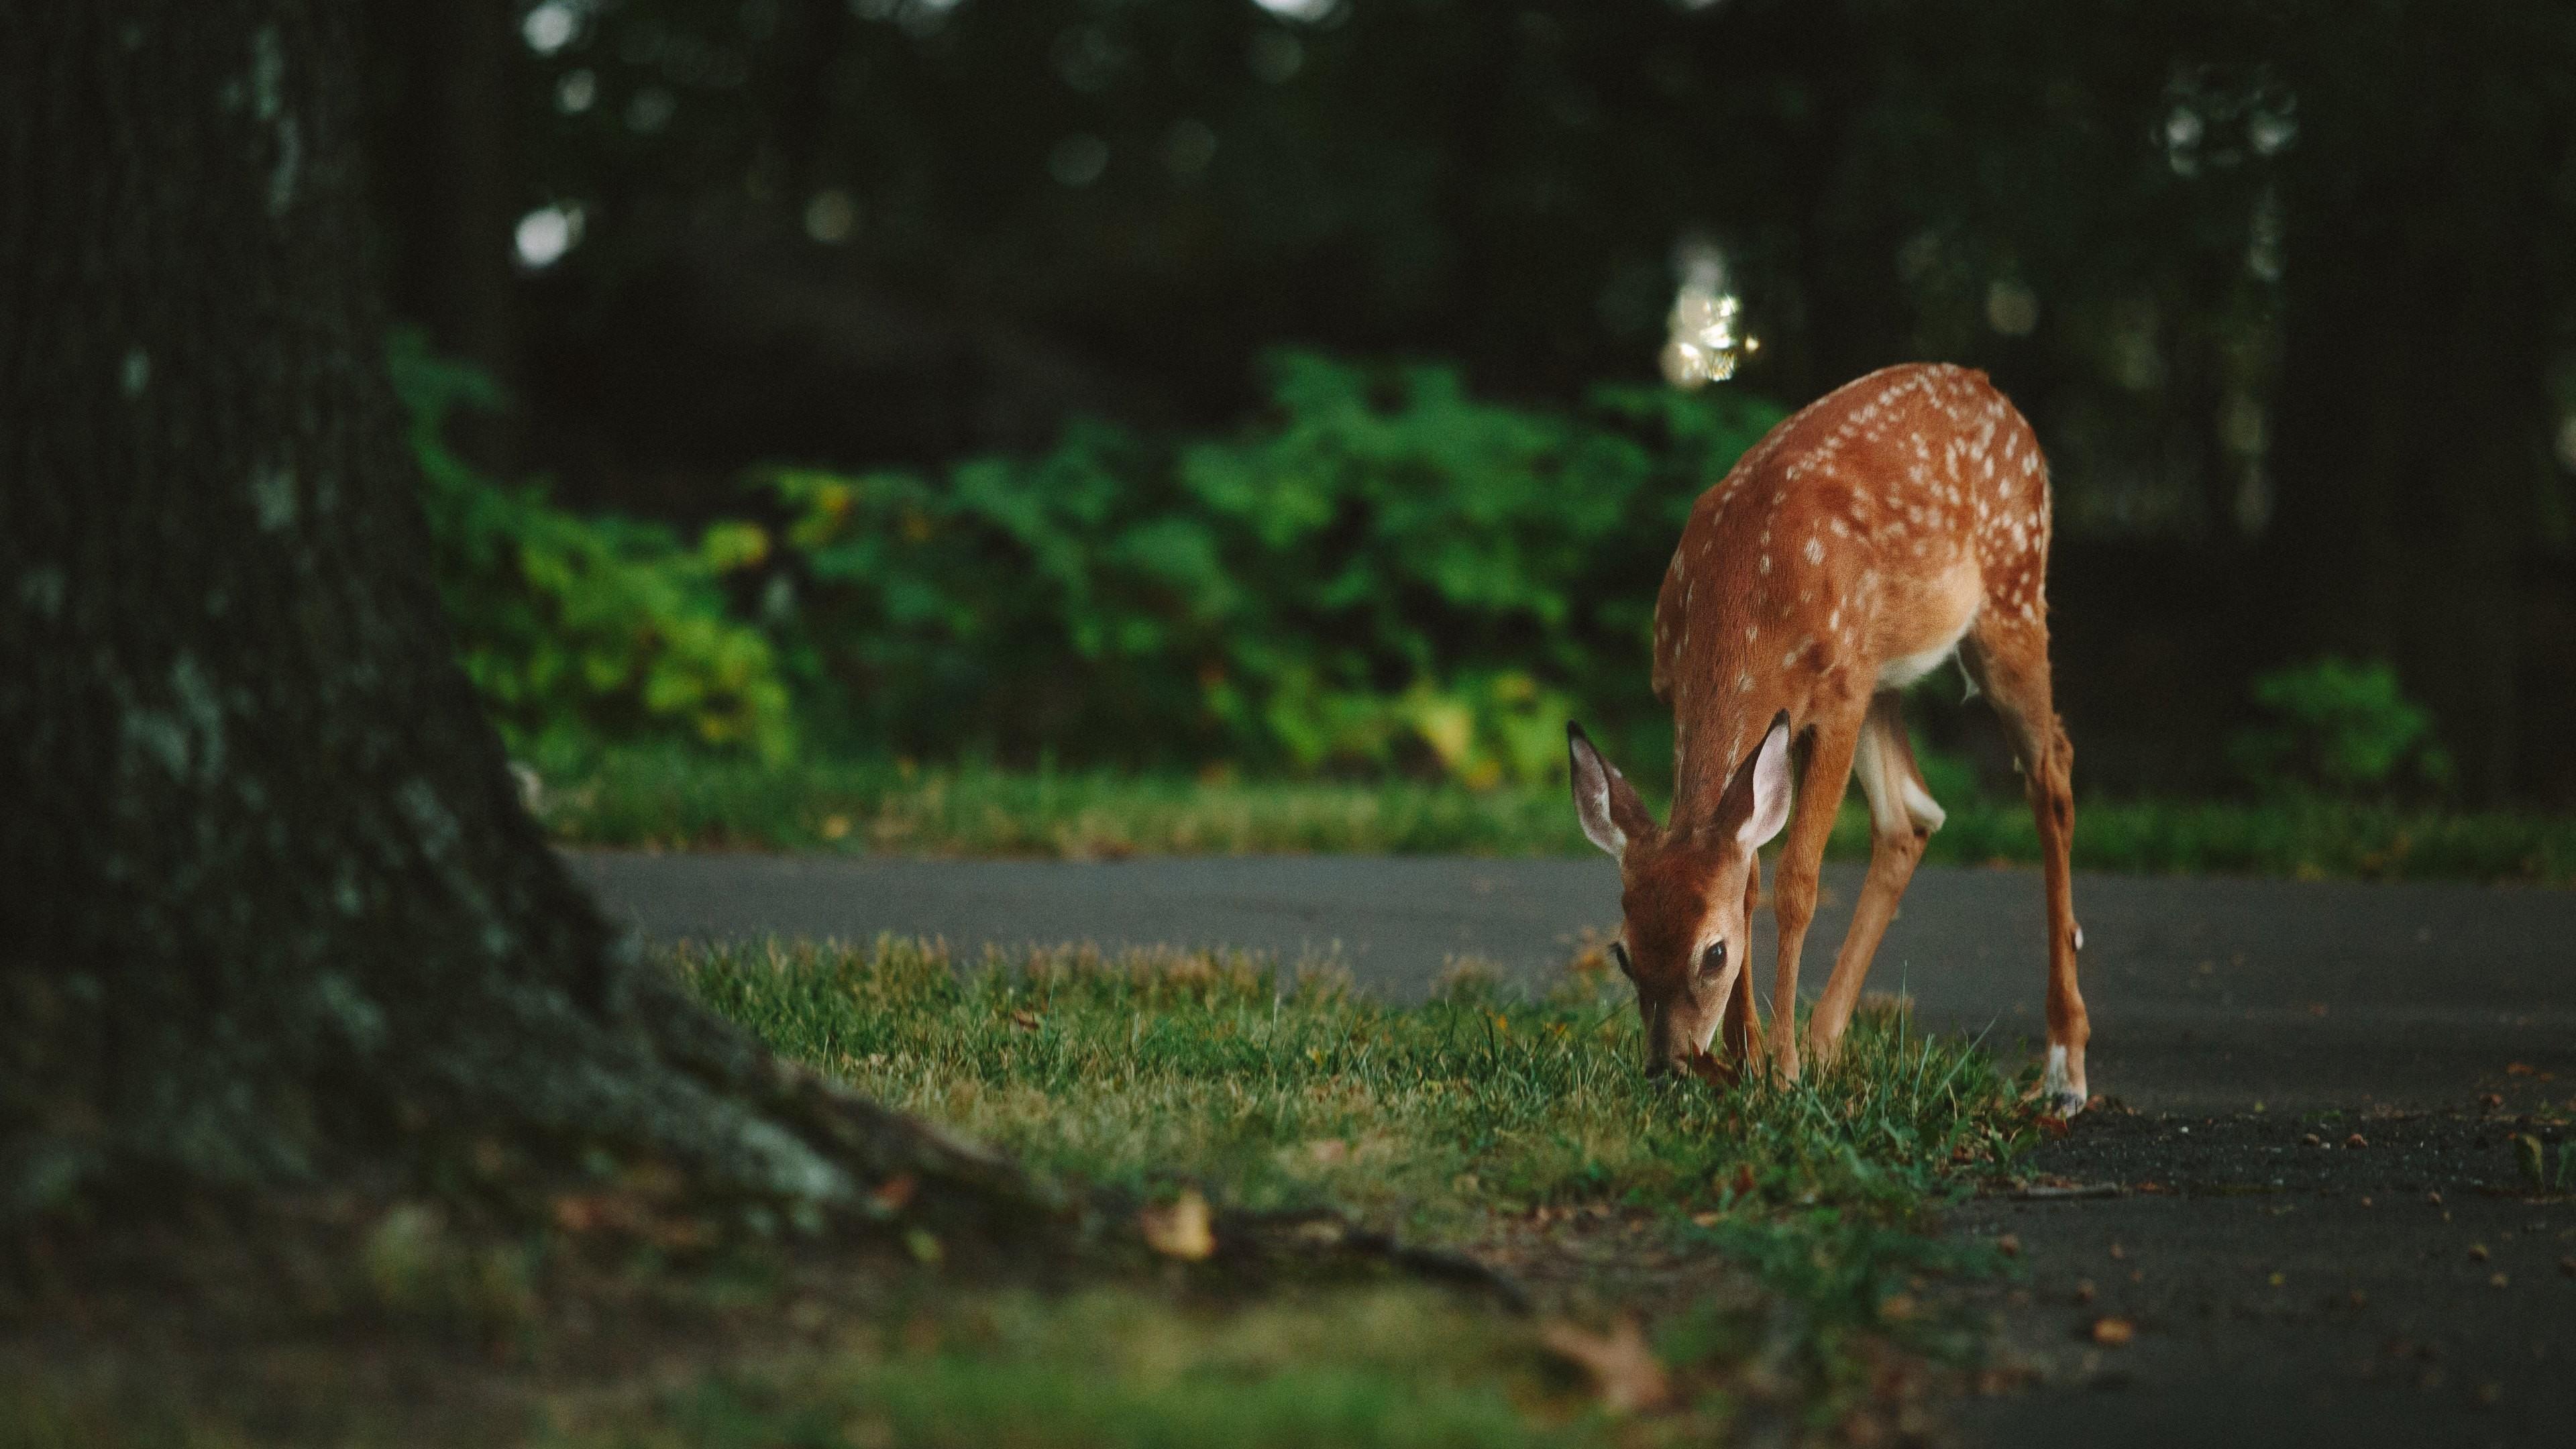 deer 1574937989 - Deer -